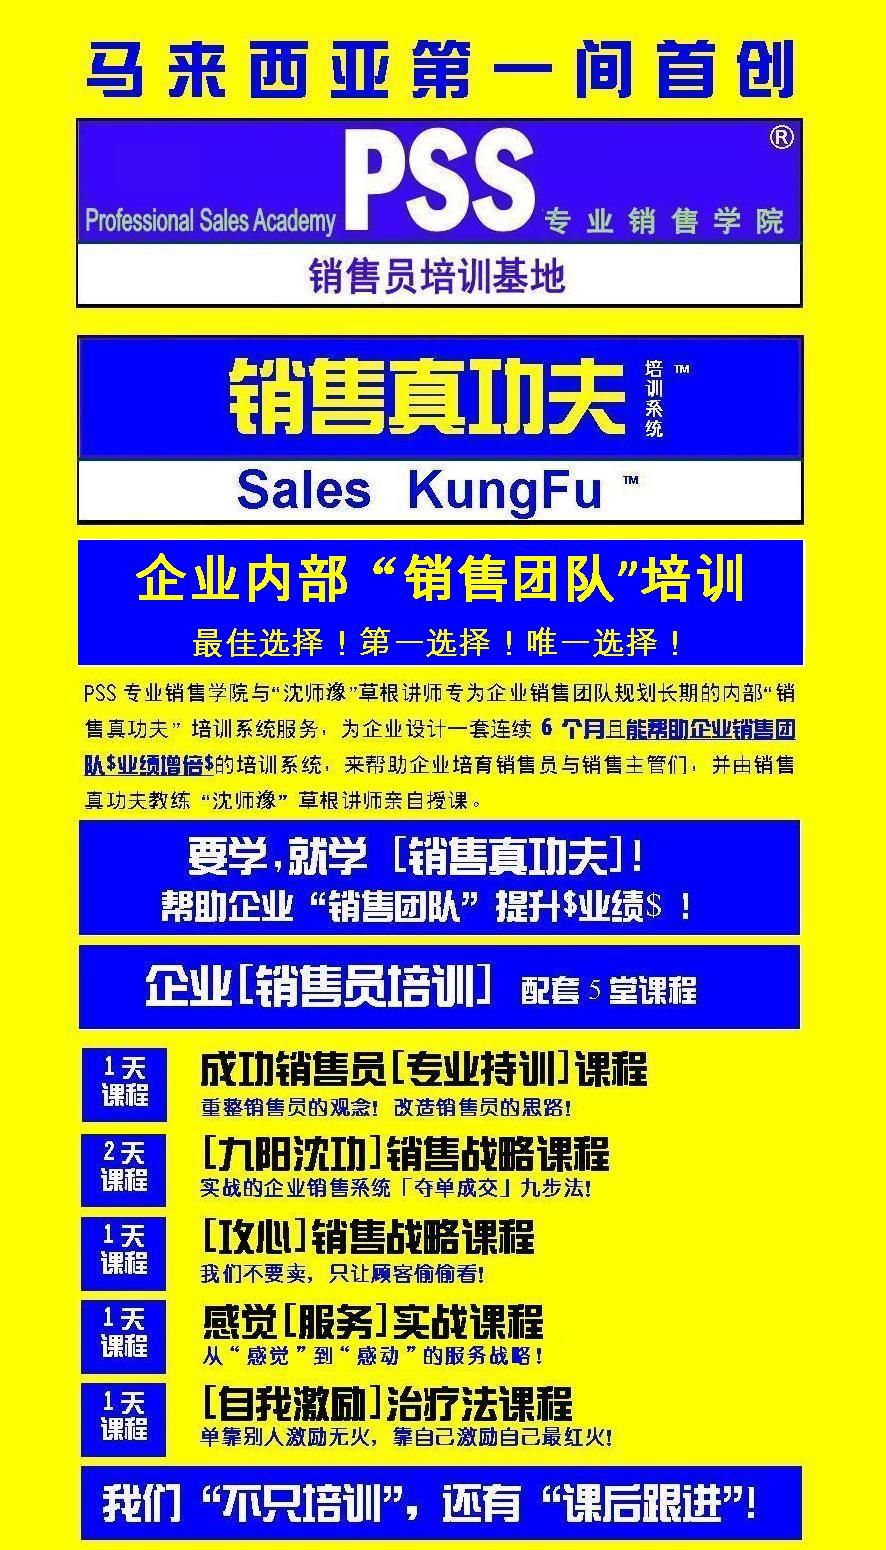 马来西亚沈师潒(士翔)草根讲师 / 马来西亚销售课程